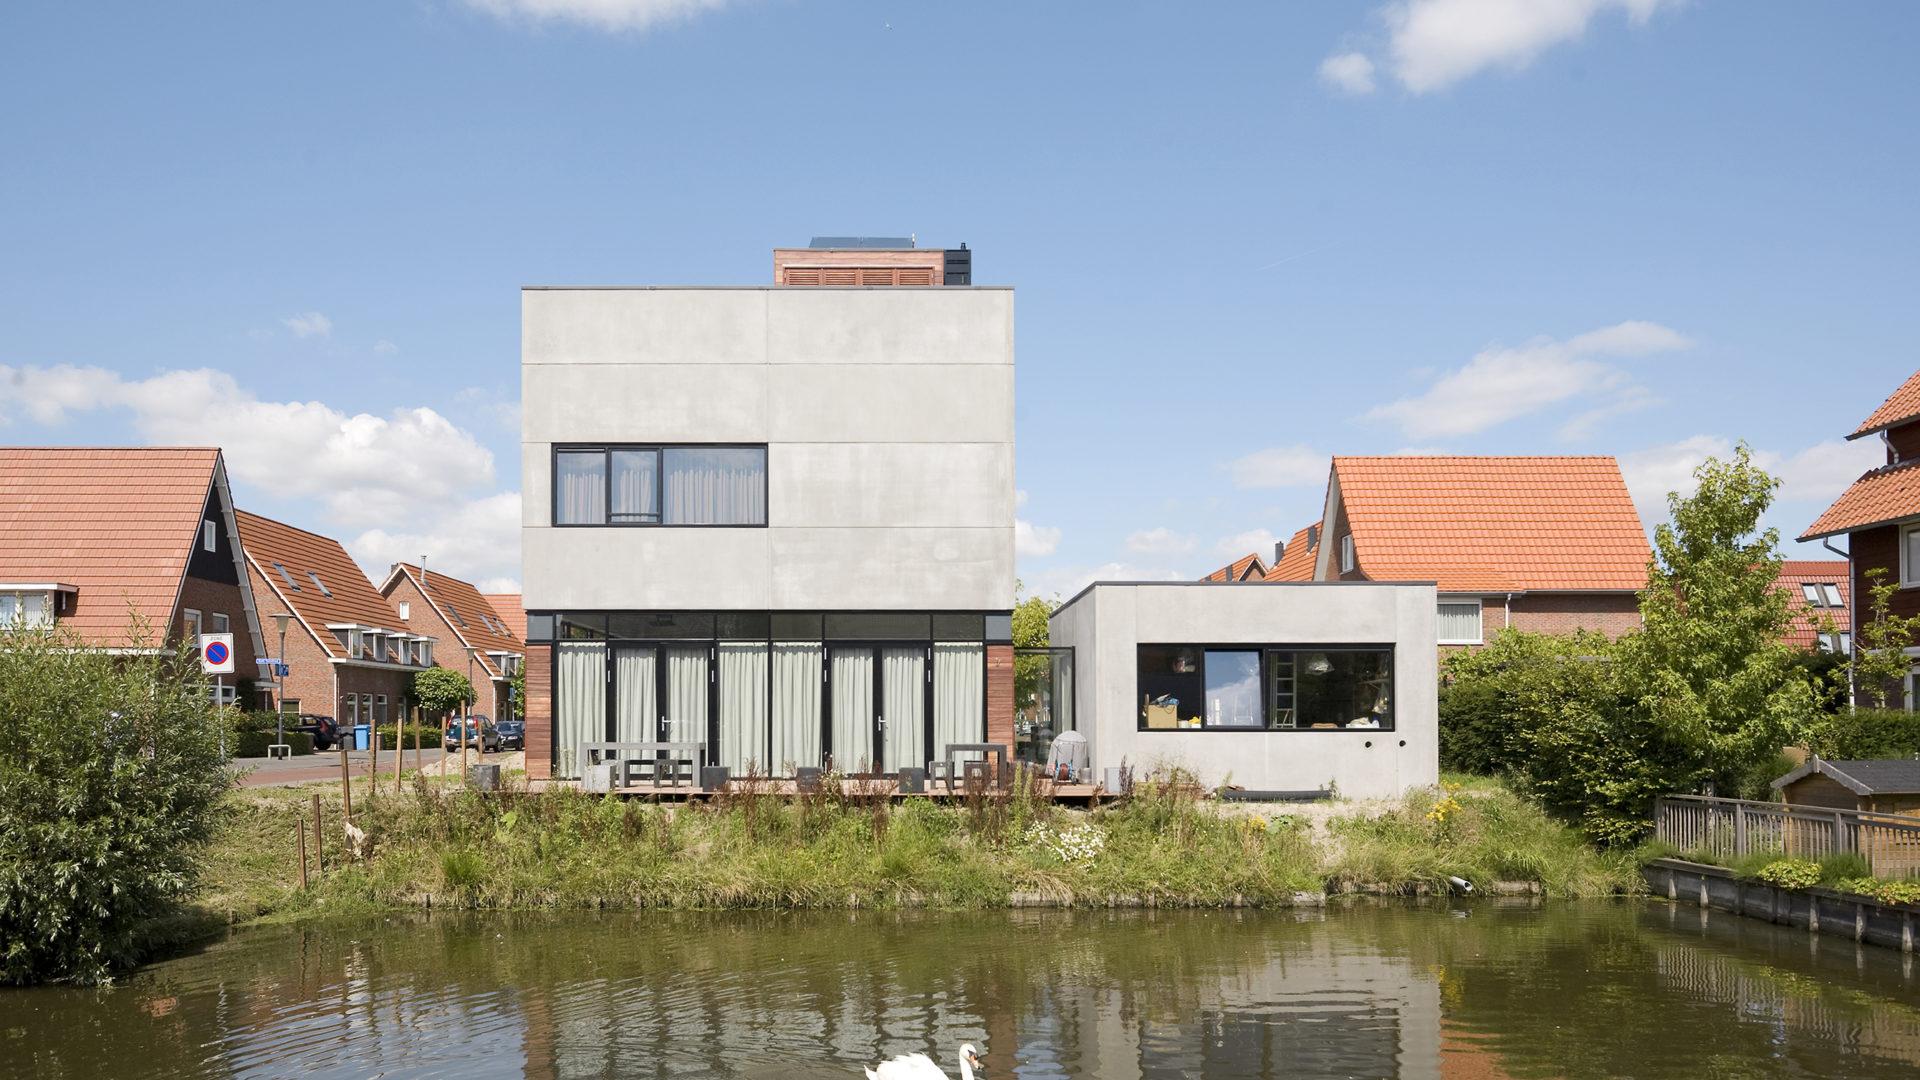 exterieur van de kubuswoning in Aalsmeer